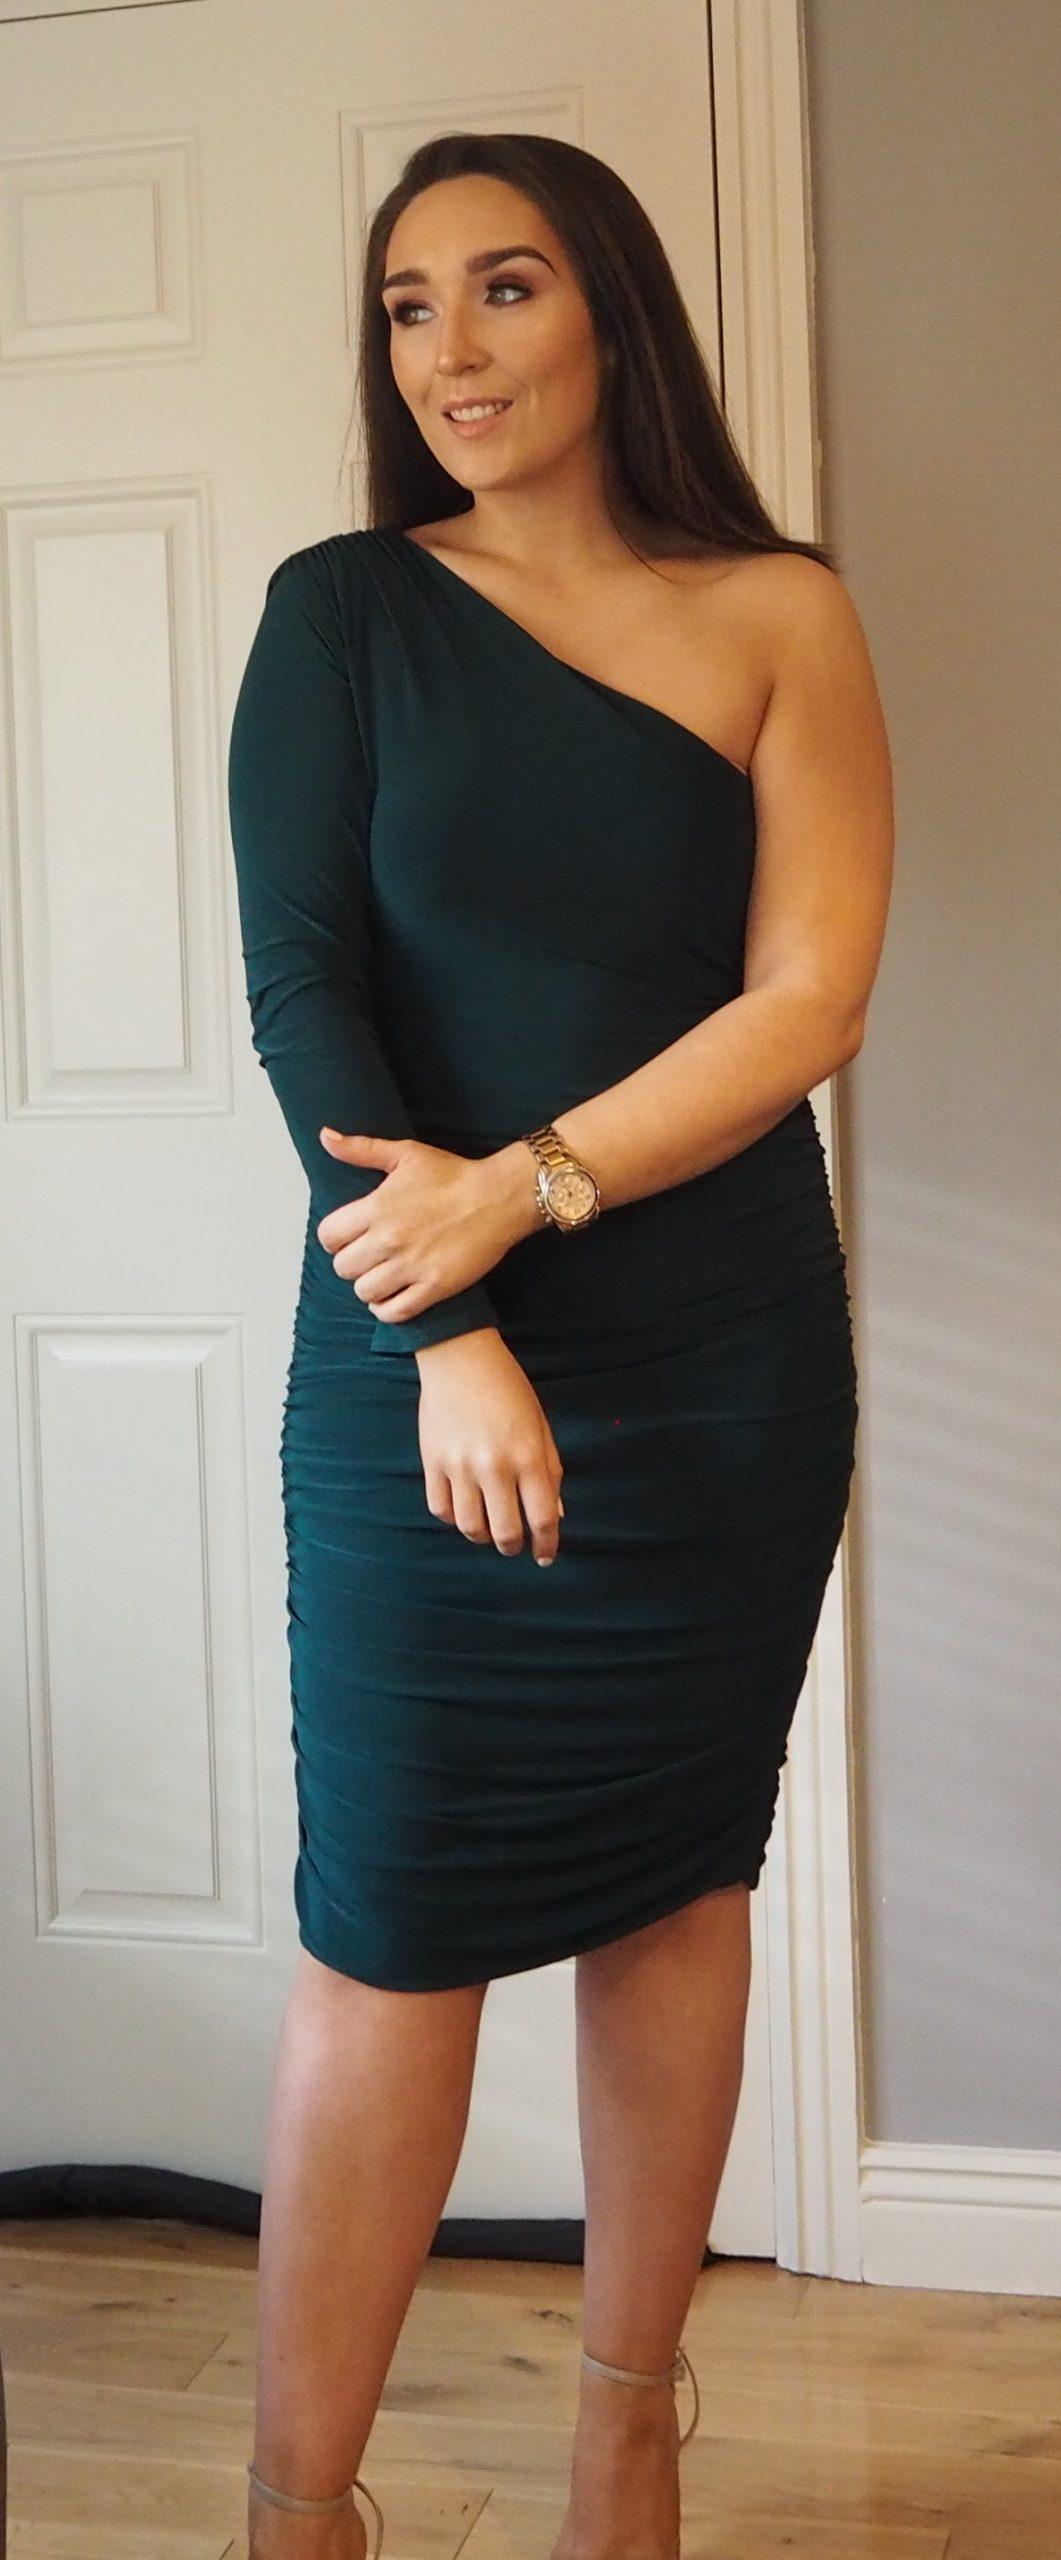 Femme Luxe Finery One Shoulder Dress https://femmeluxefinery.co.uk